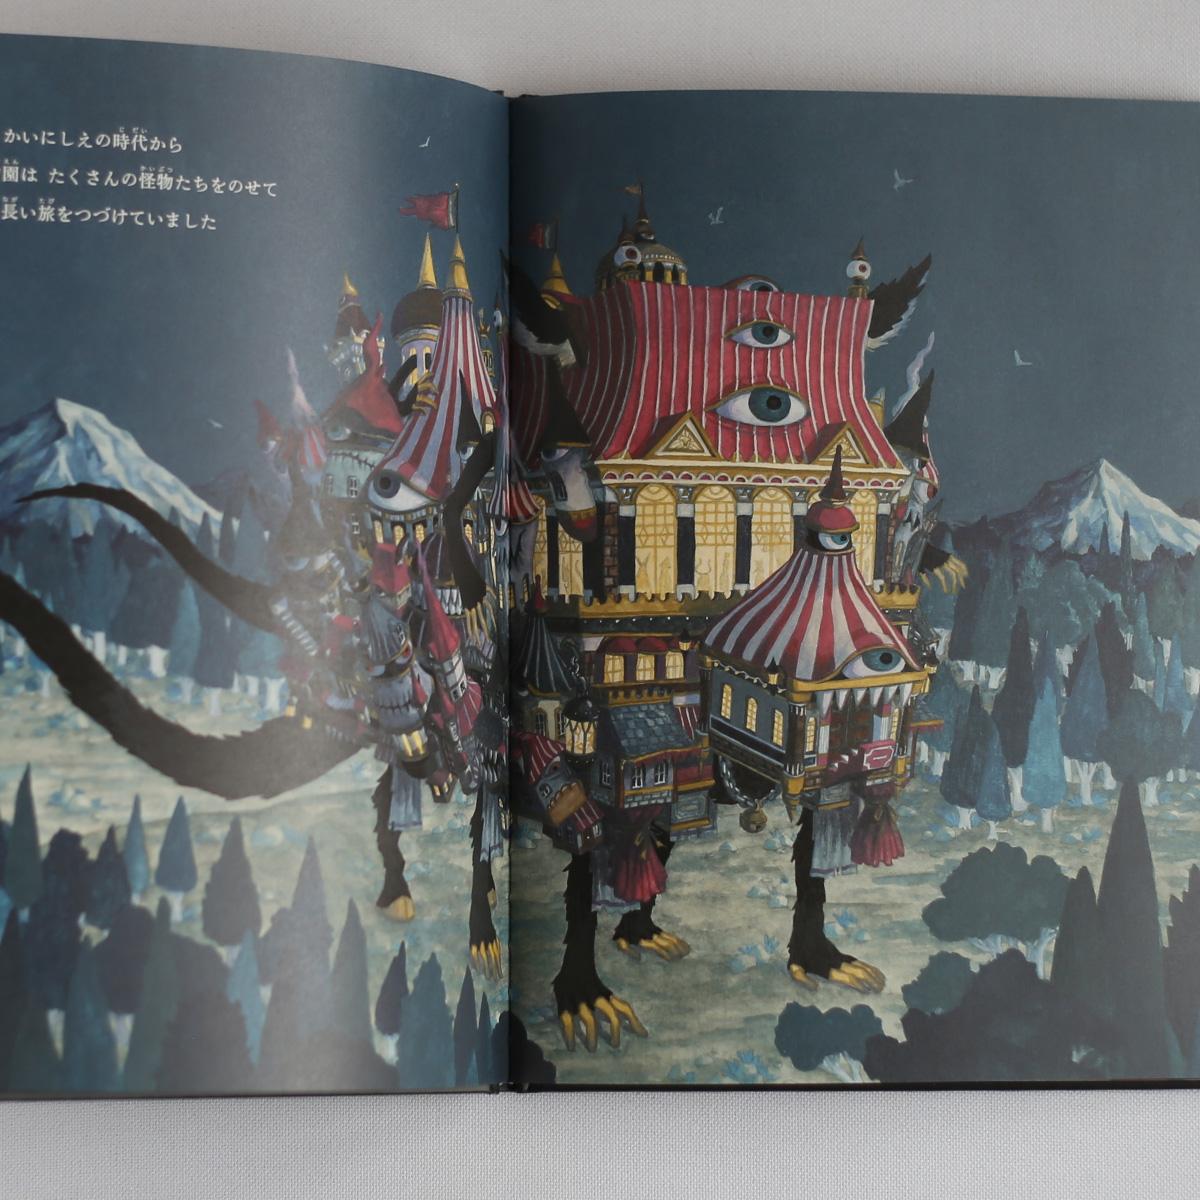 絵本 junaida 怪物園 通販 絵本 ギフト プレゼント